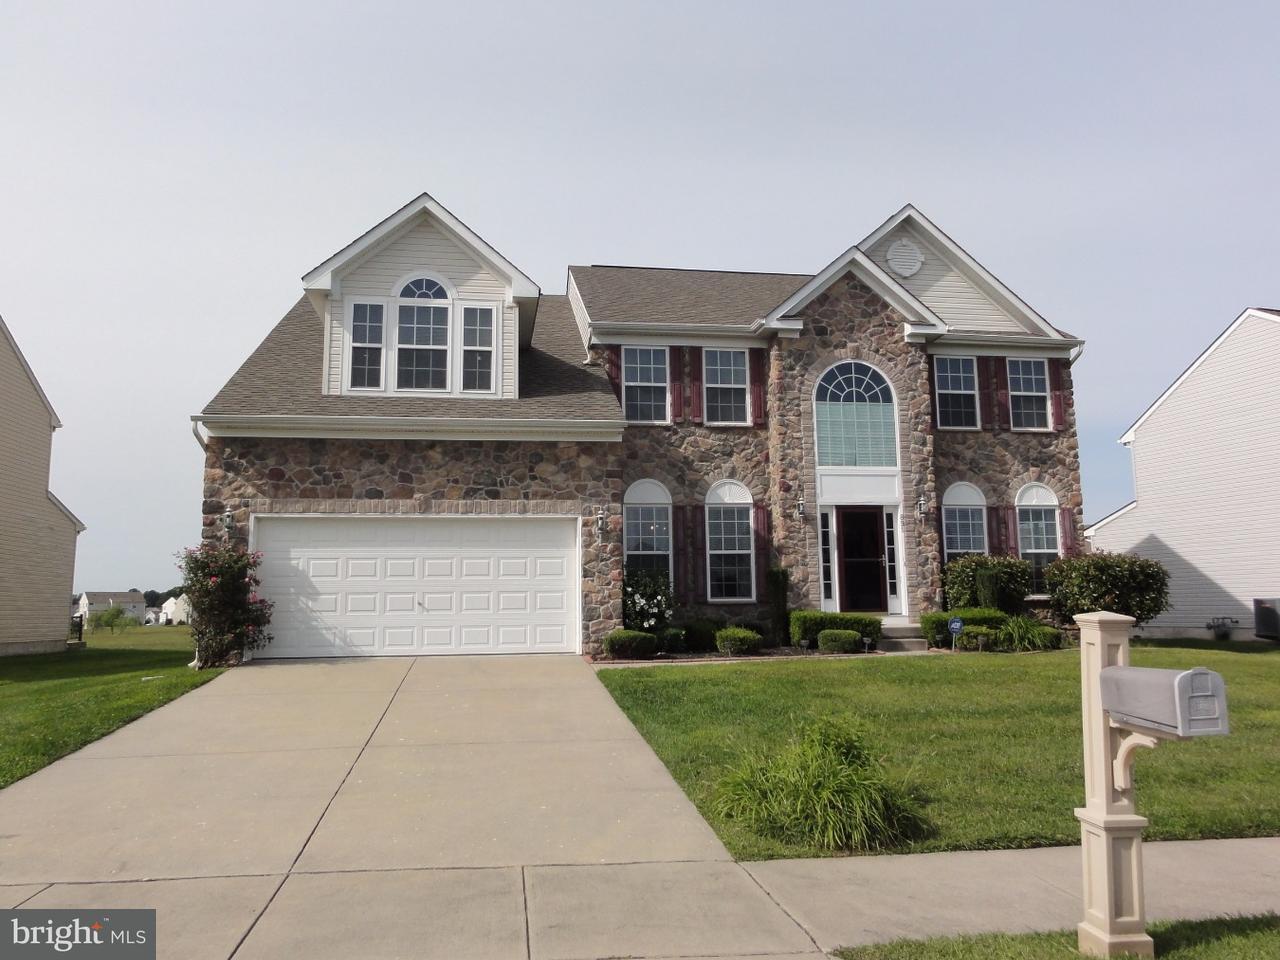 Nhà ở một gia đình vì Bán tại 891 WINDROW WAY Magnolia, Delaware 19962 Hoa Kỳ